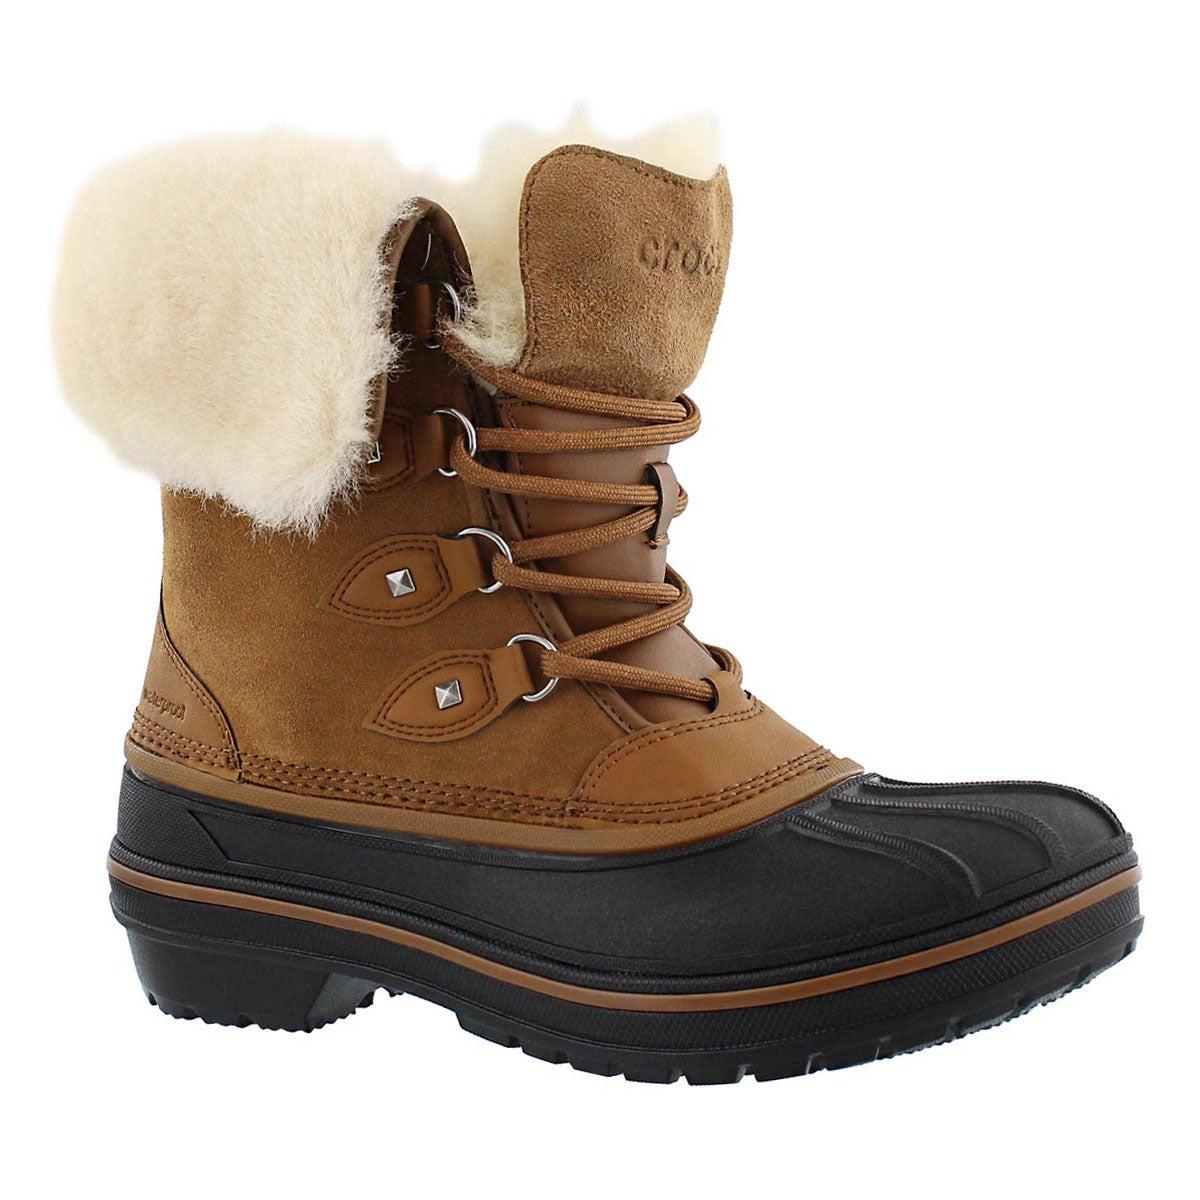 Women's ALL CAST II LUXE wheat winter boots